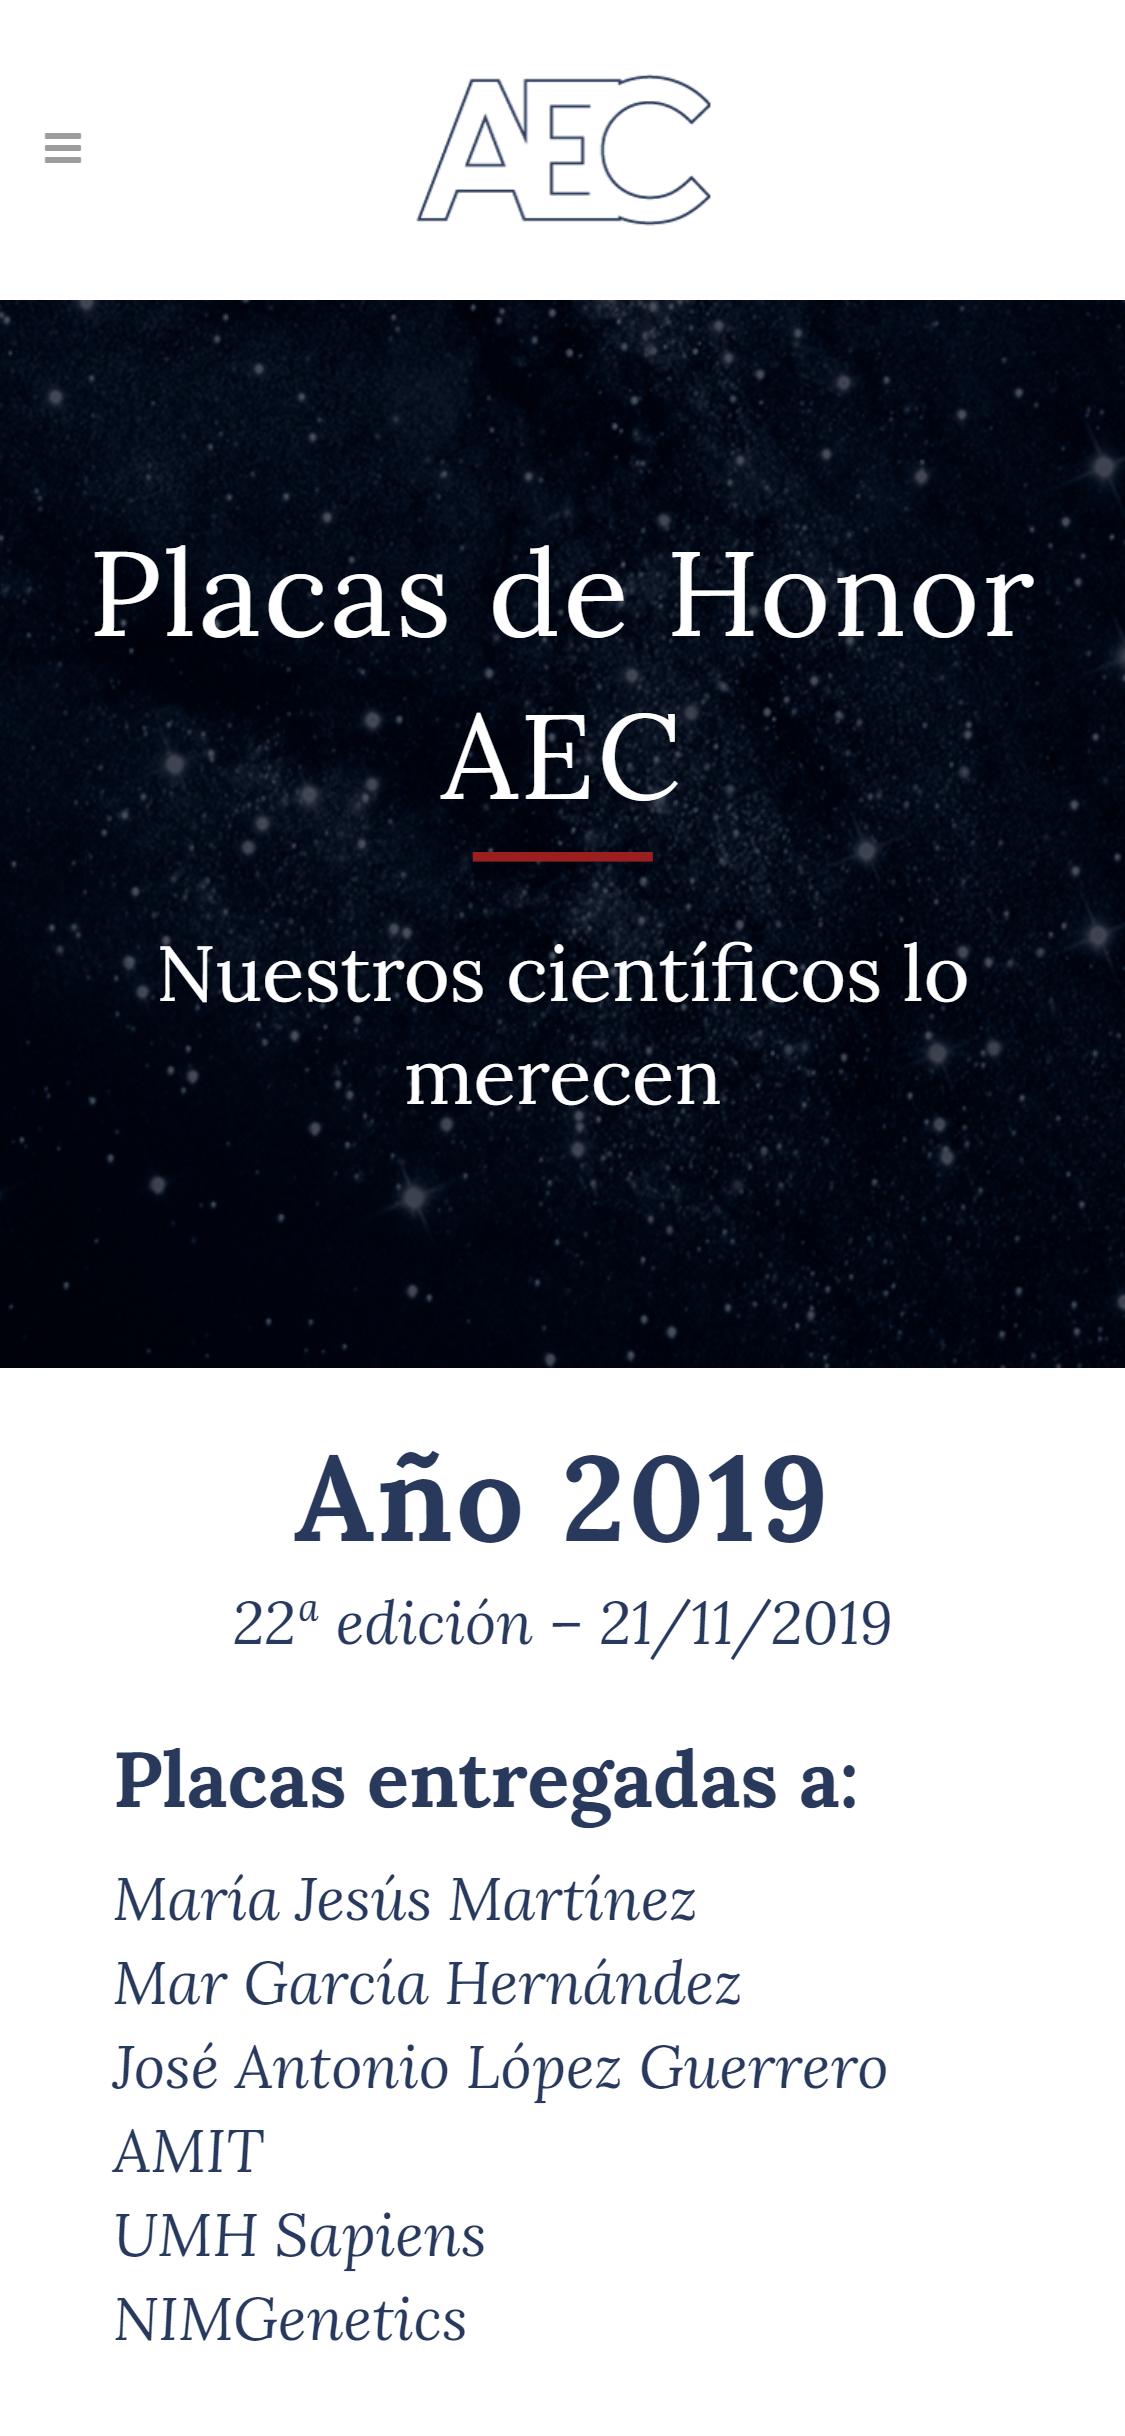 www.aecientificos.es_placas-de-honor_(iPhone X)